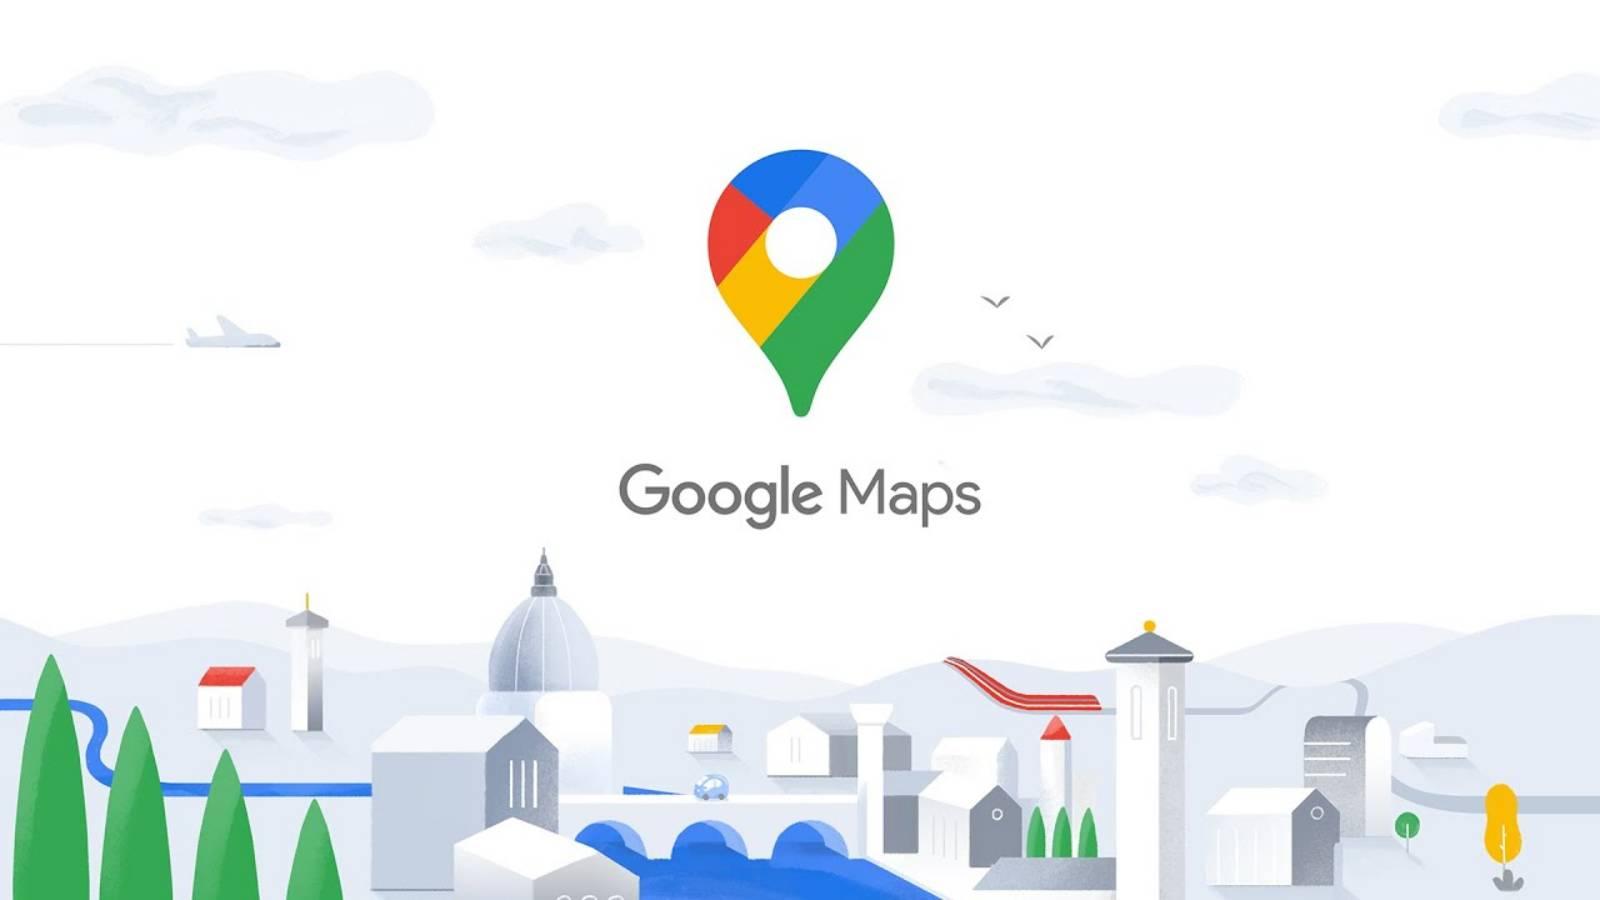 Google Maps Update Lansat cu Noutati pentru Telefoane, Tablete